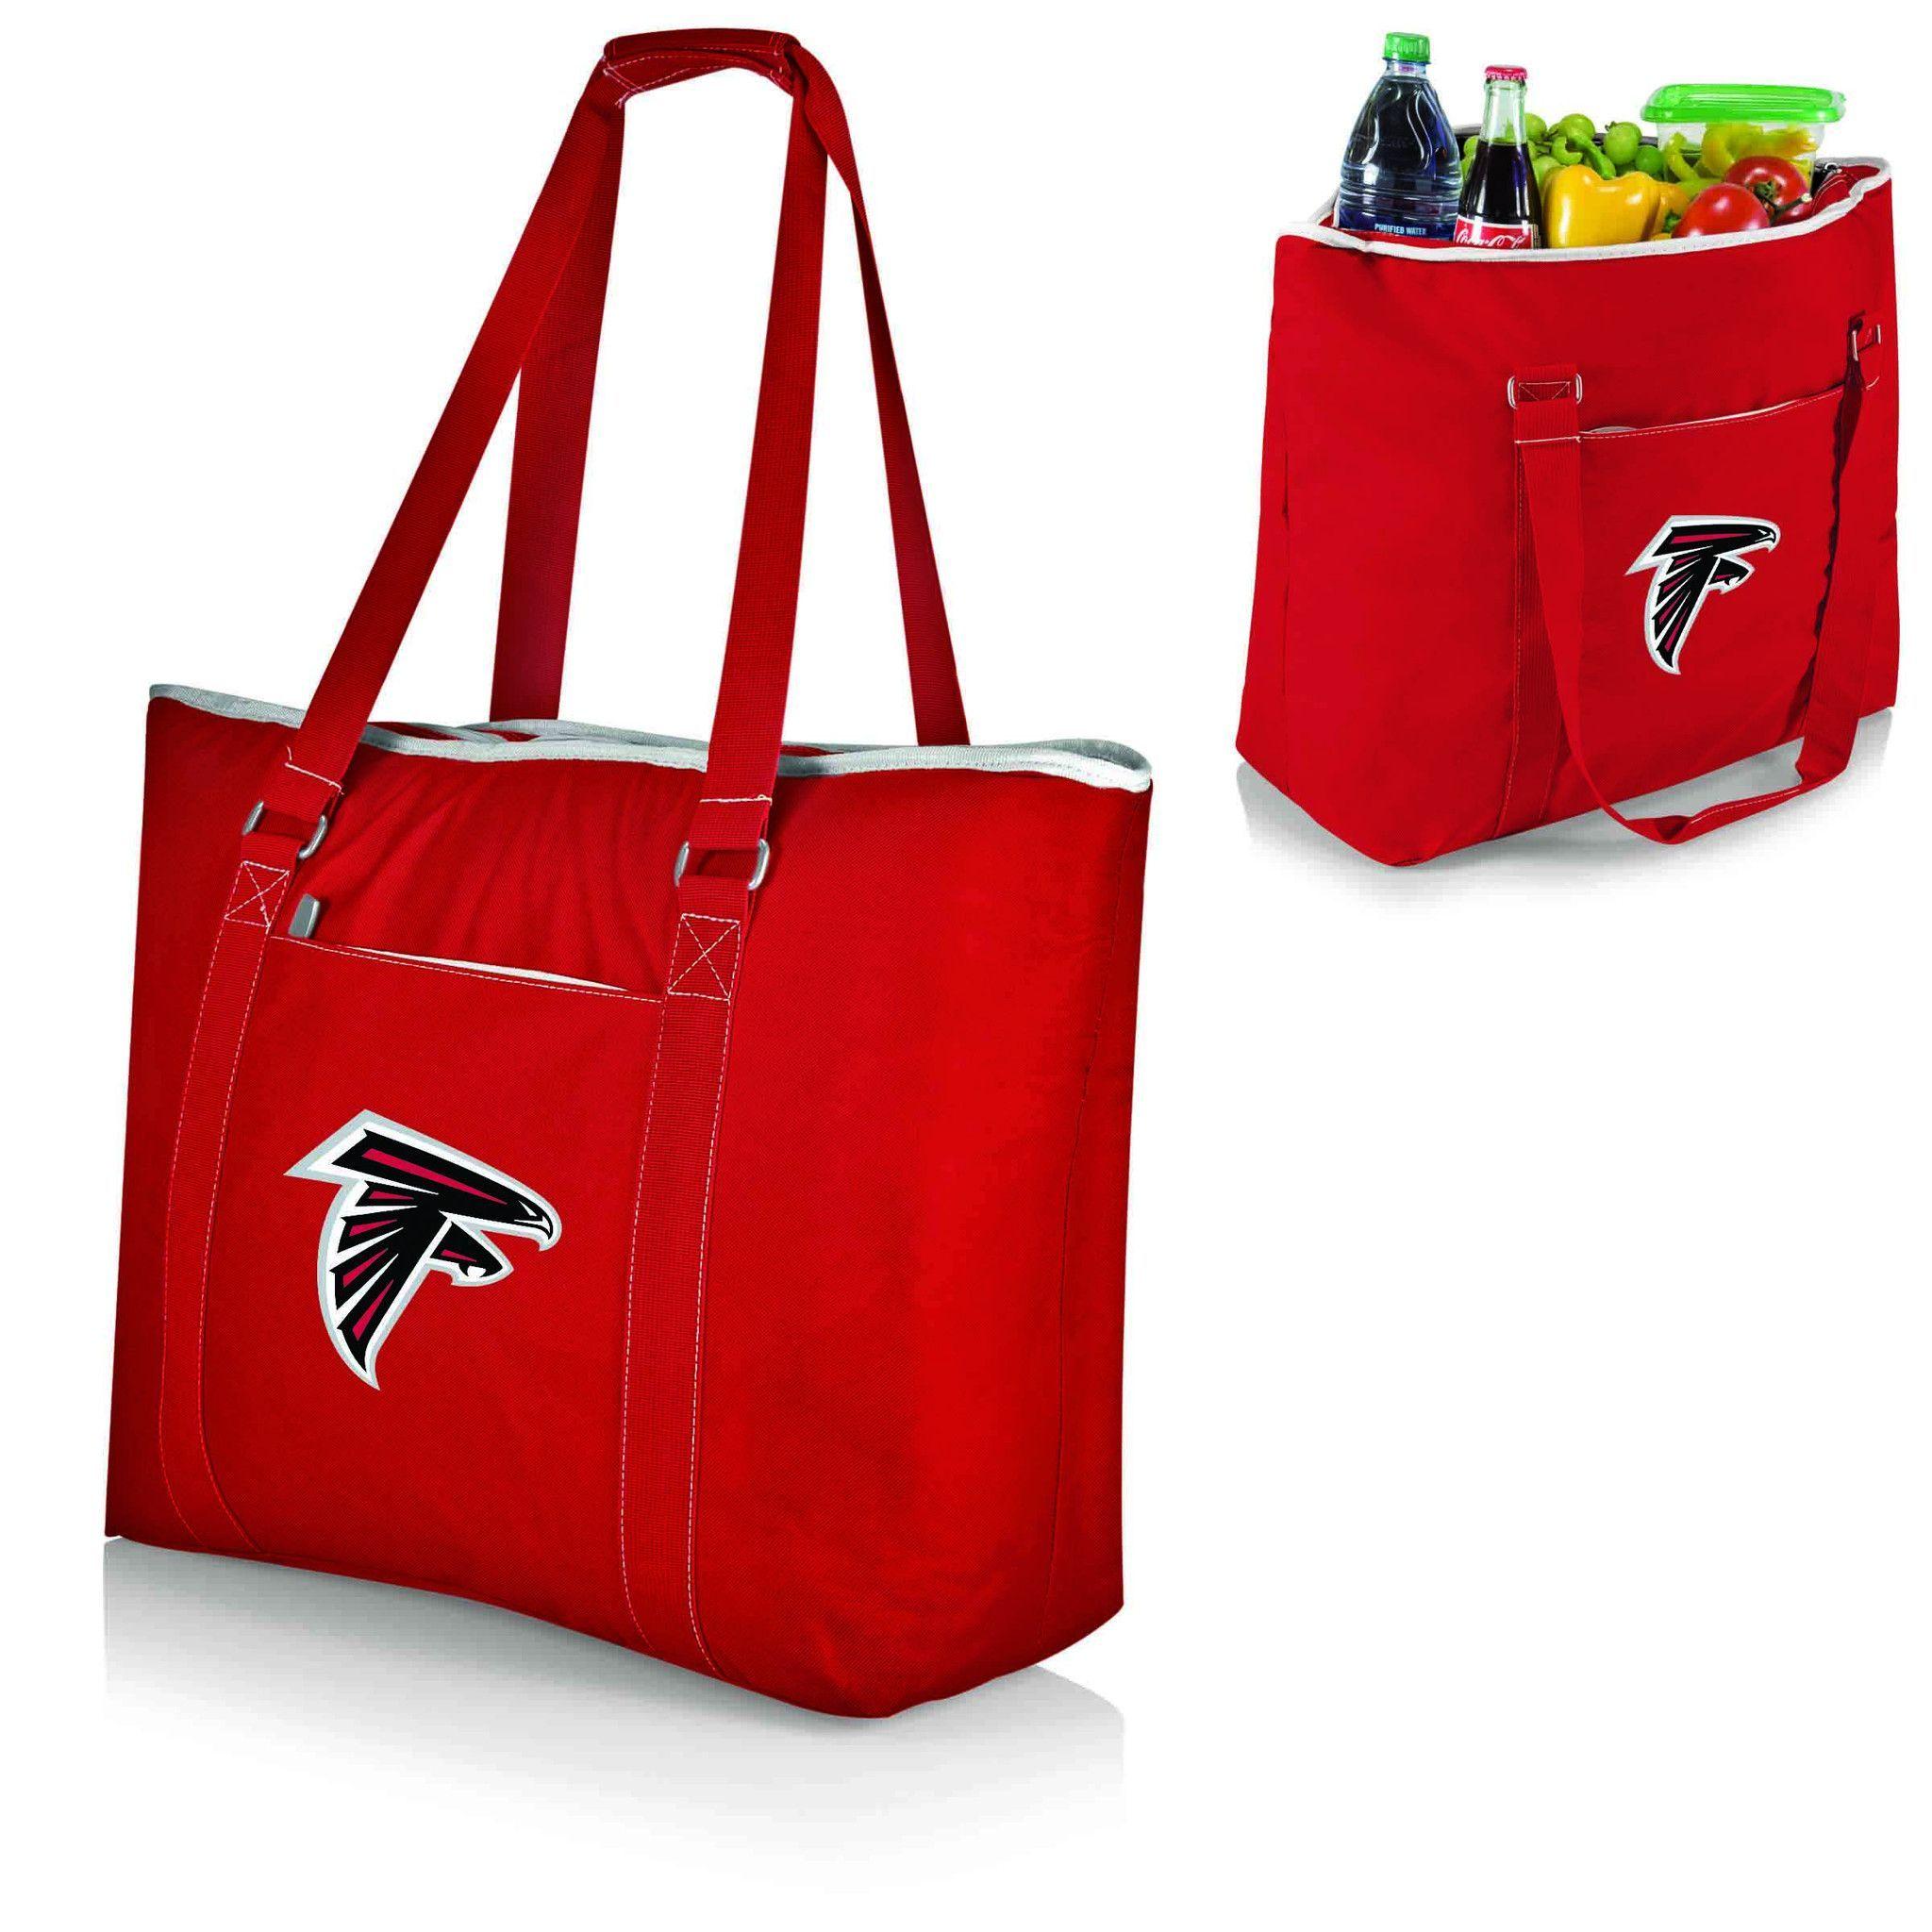 Topanga Cooler Atlanta Falcons Red Digital Print Tailgate Cooler Tote Bag